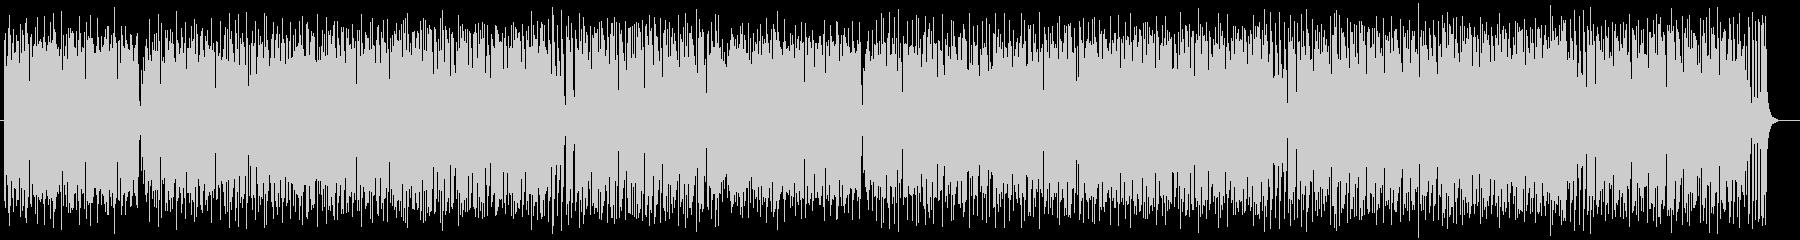 ほのぼの系シンセサイザー打楽器ポップの未再生の波形